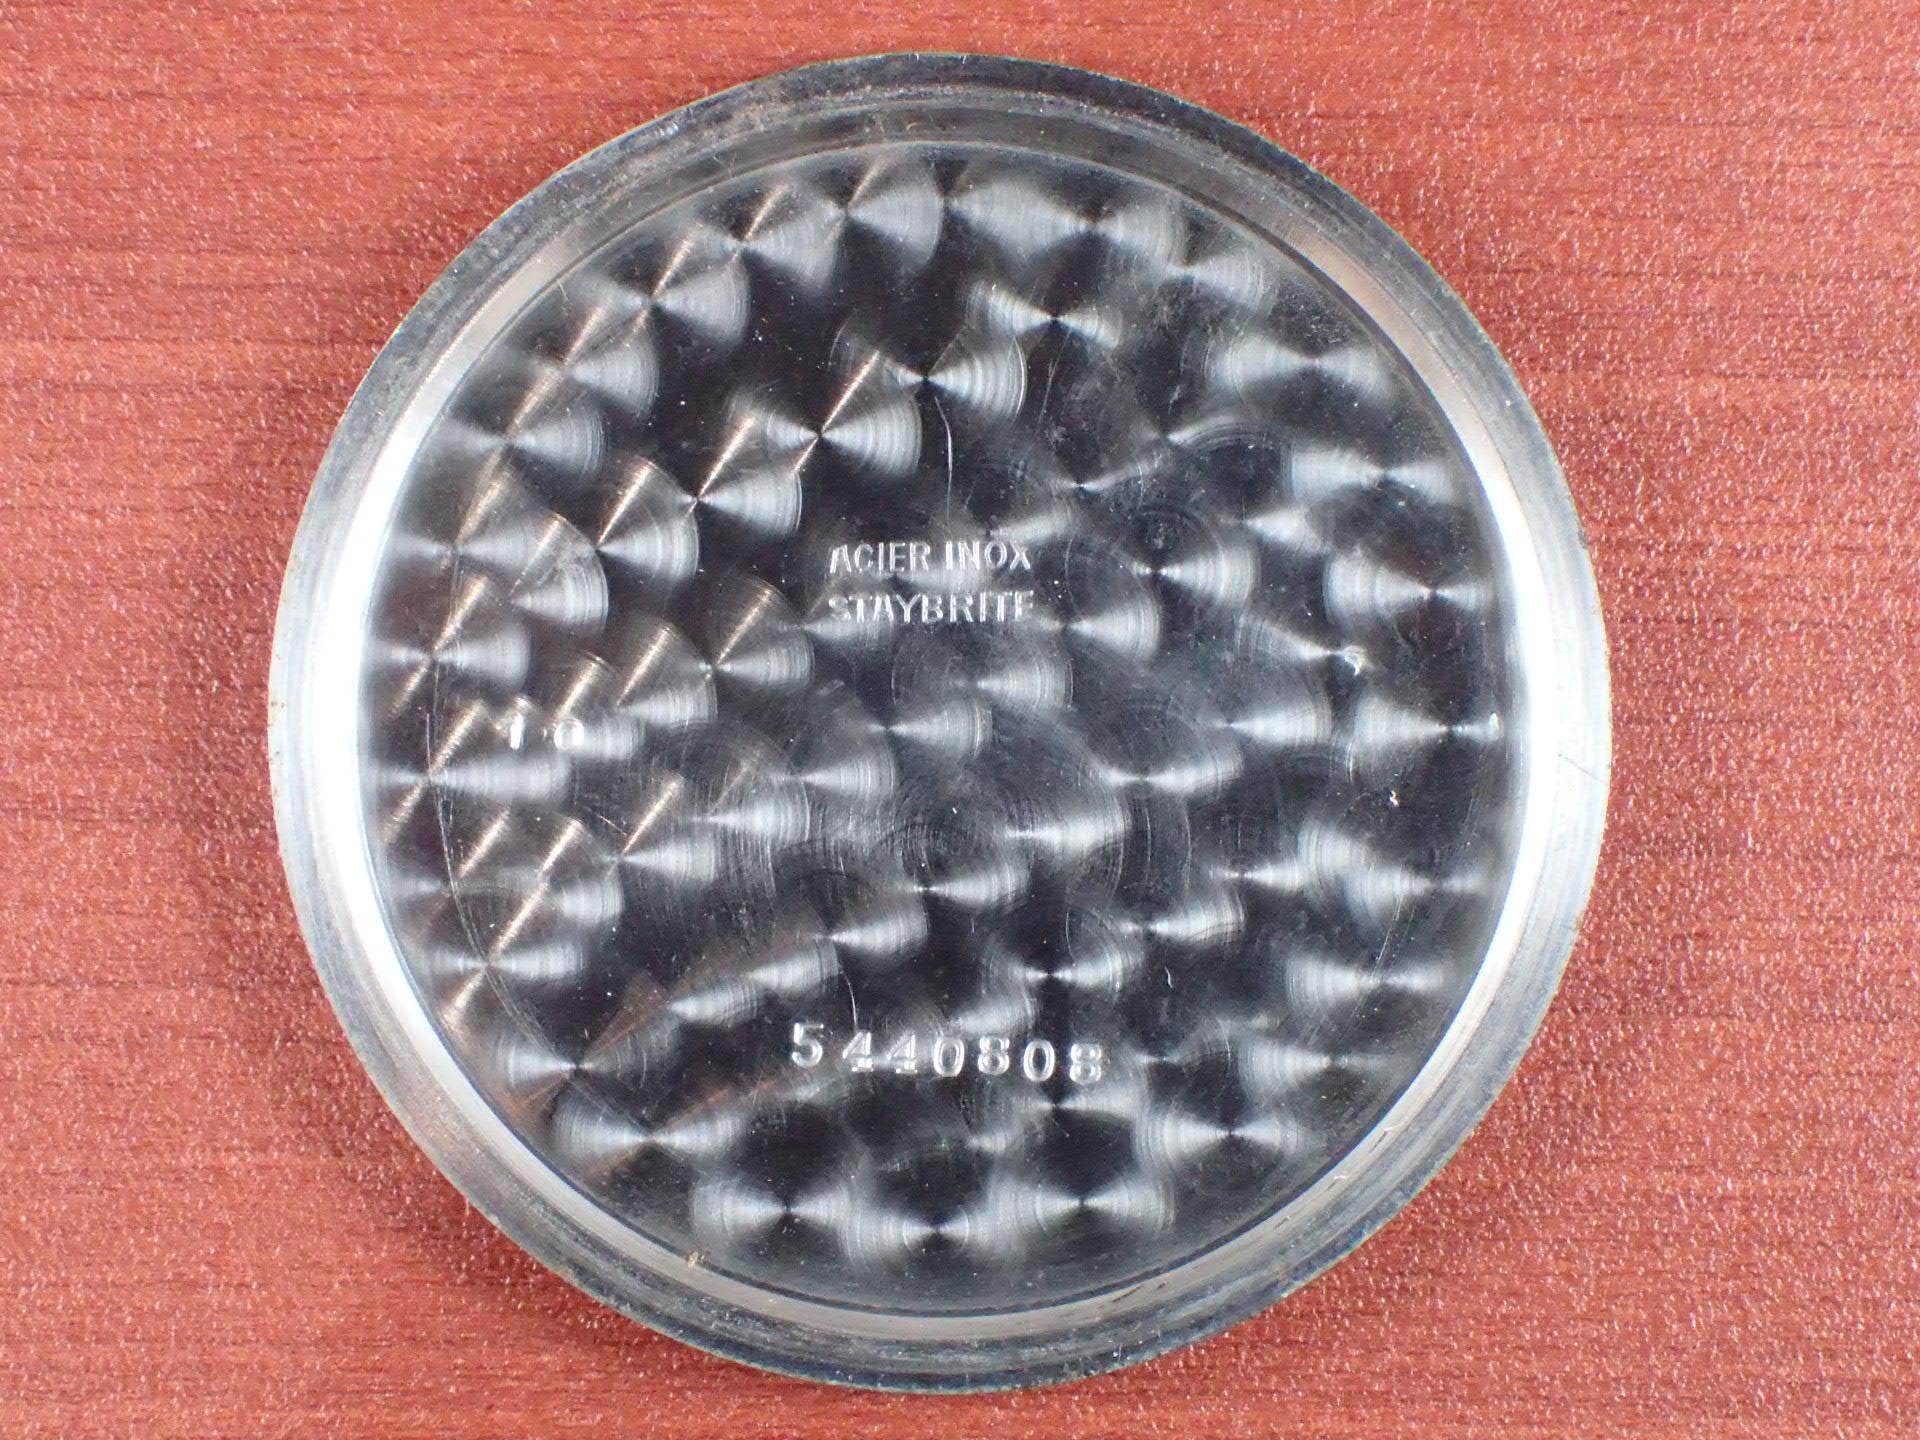 ロンジン ポケットウォッチ セクターダイアル 1930年代の写真6枚目